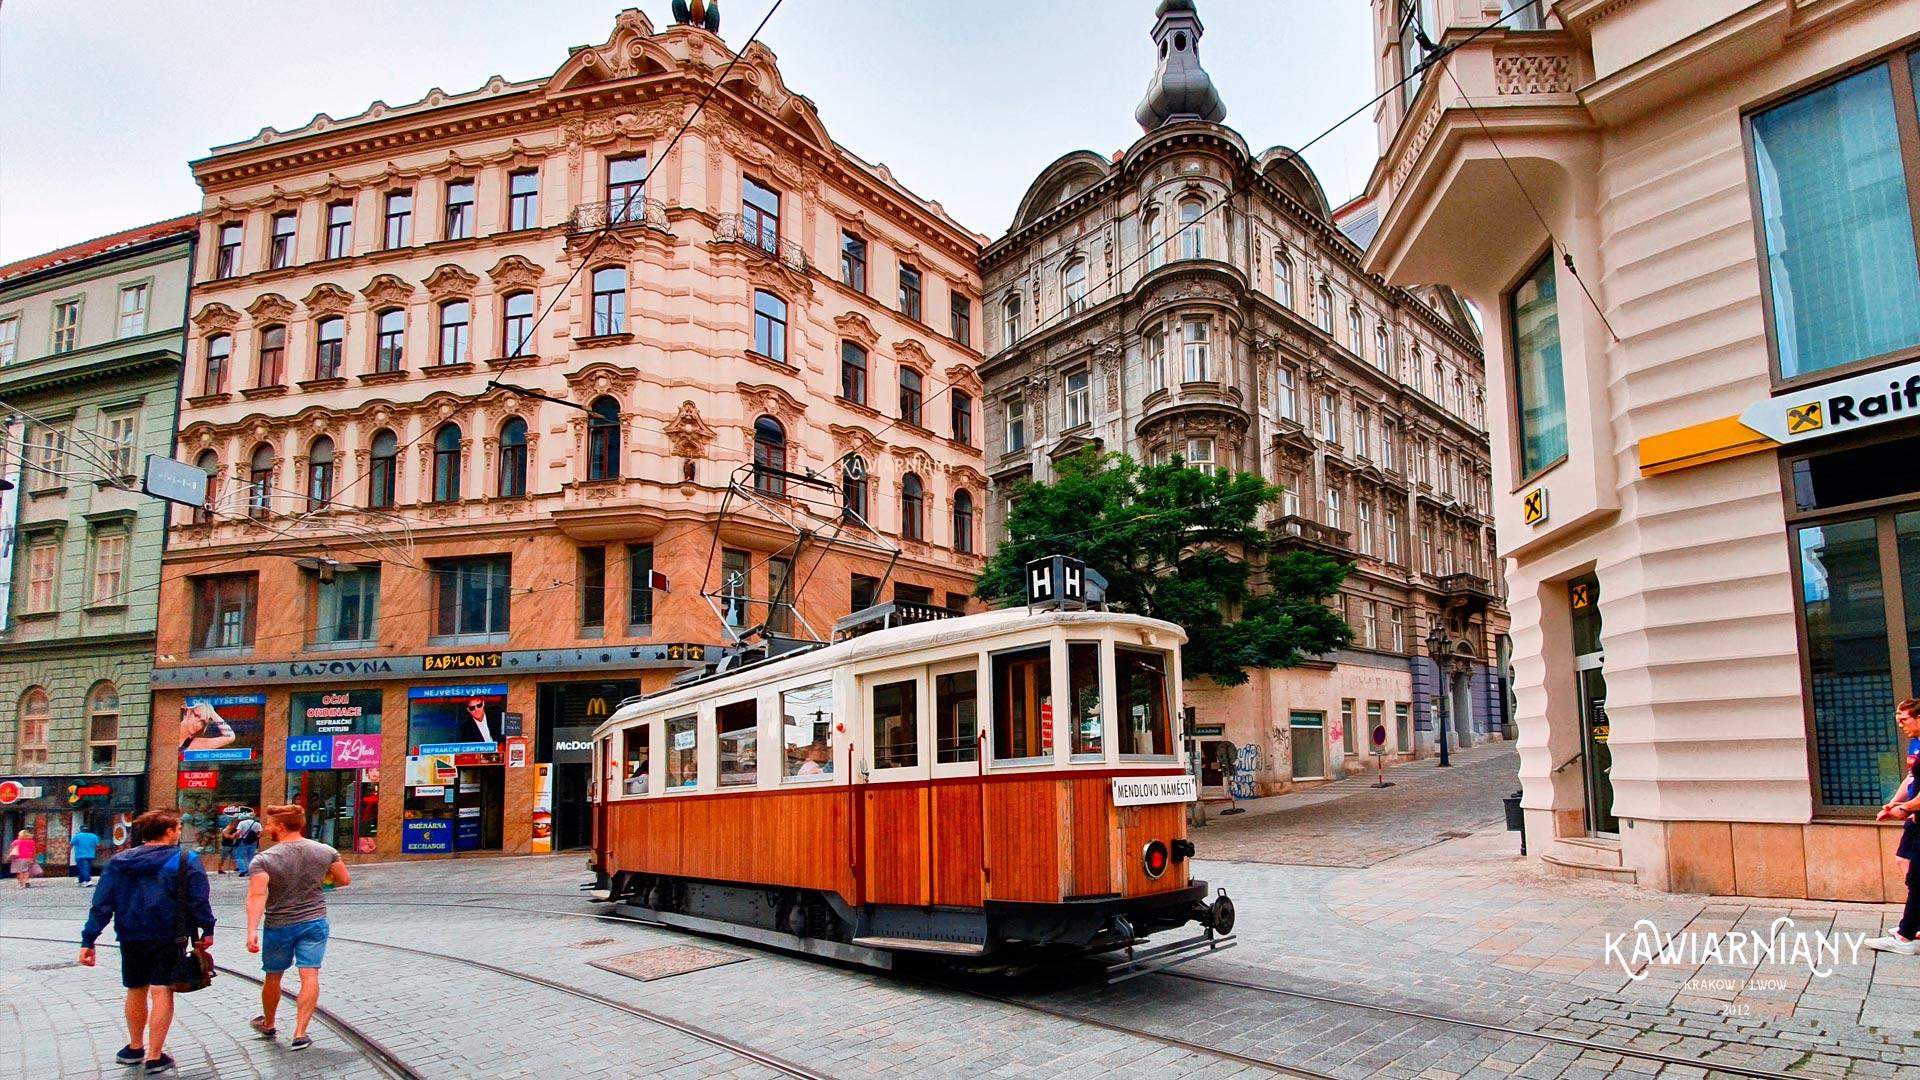 Brno w Czechach – ciekawostki o atrakcjach i zwiedzaniu. 17 faktów